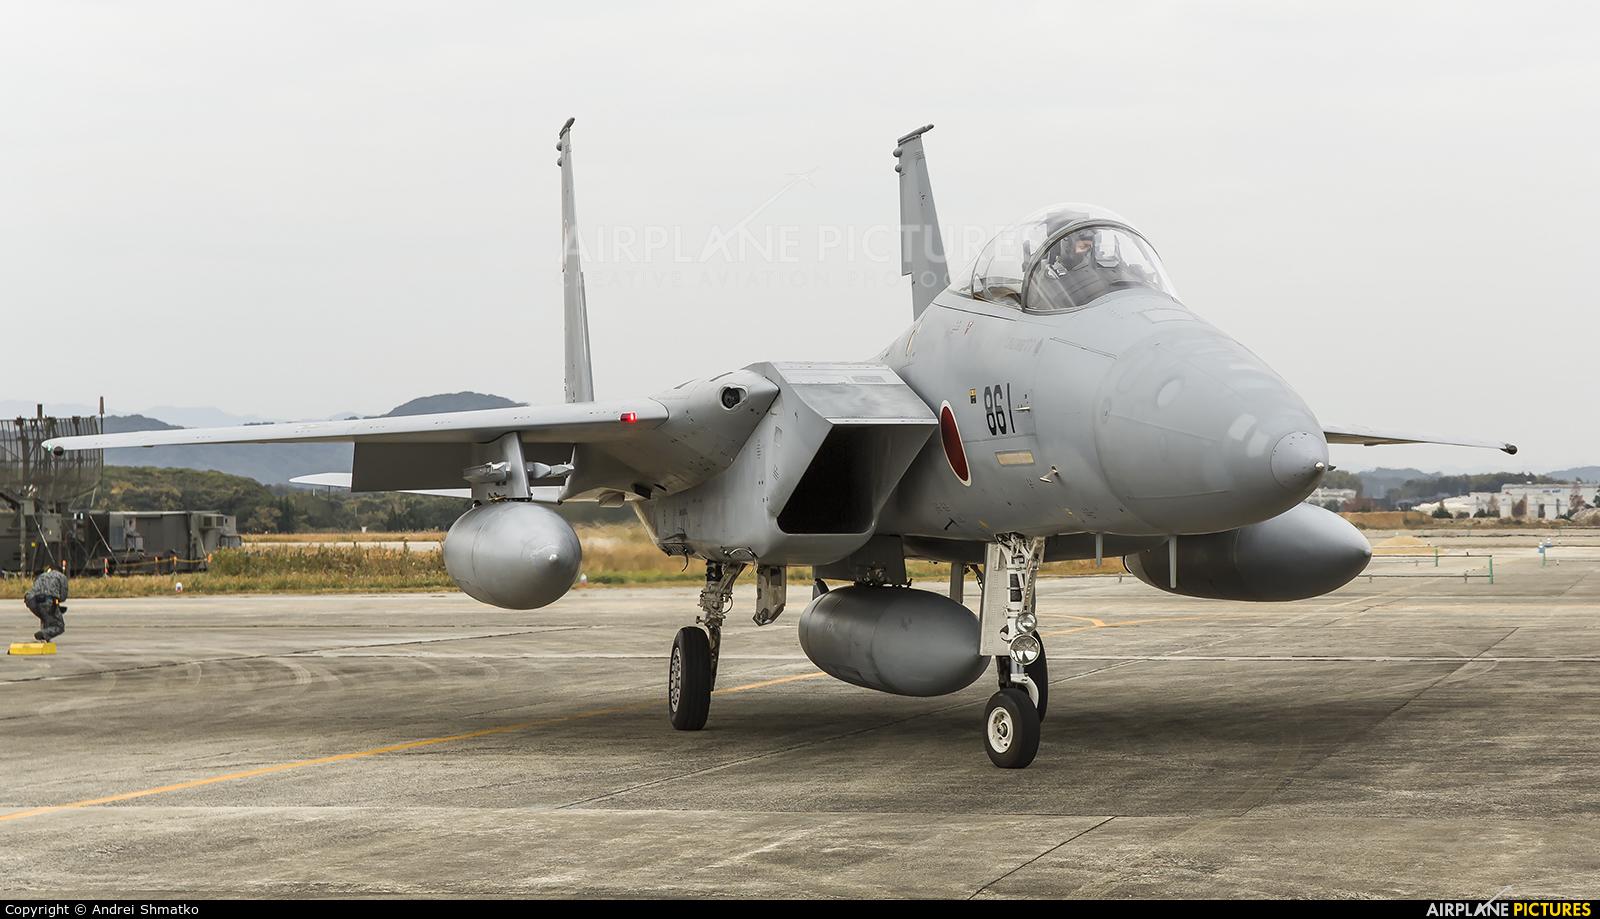 Japan - Air Self Defence Force 52-8861 aircraft at Tsuiki AB